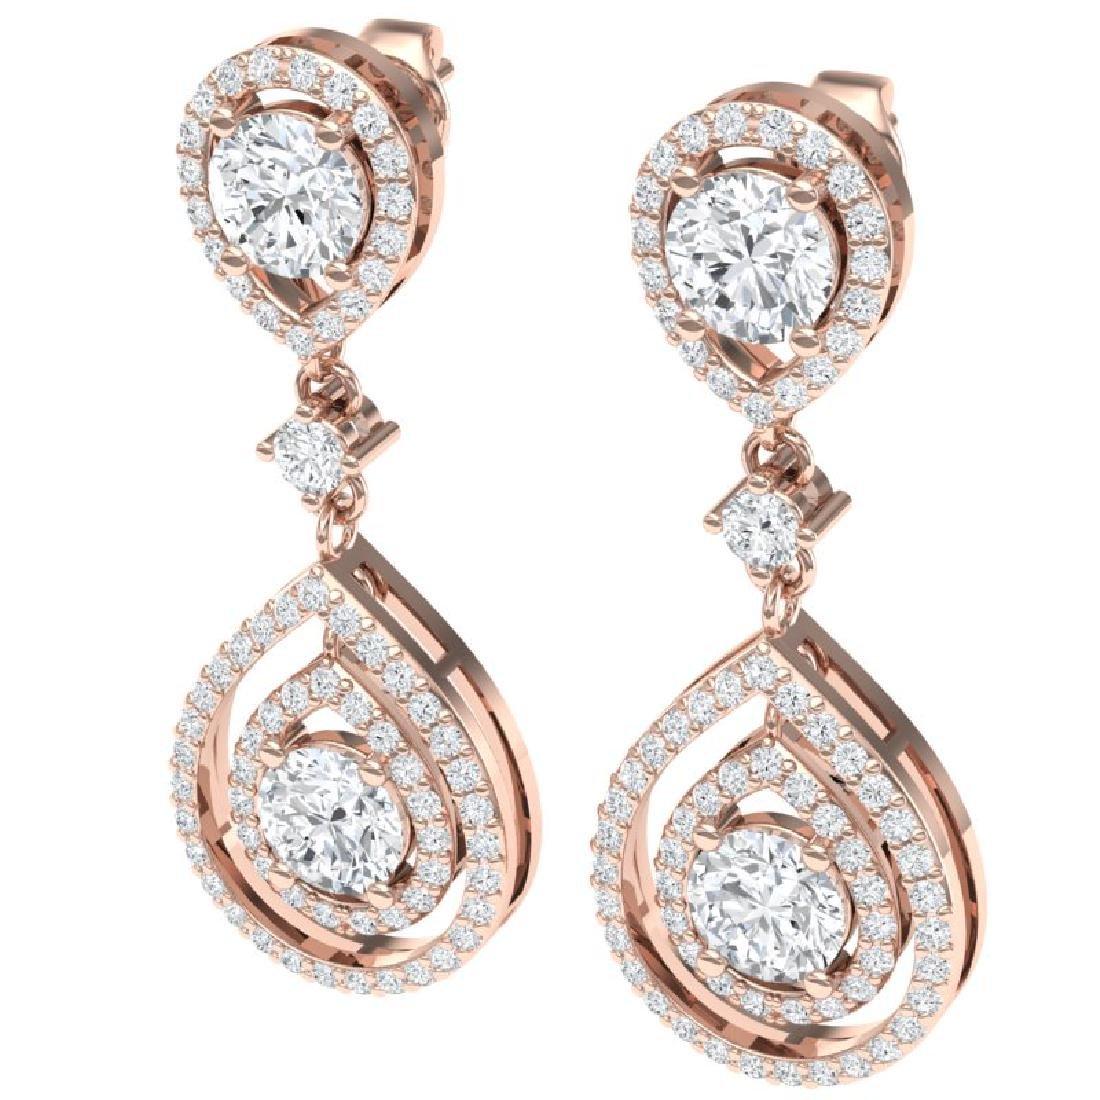 3.53 CTW Royalty Designer VS/SI Diamond Earrings 18K - 2